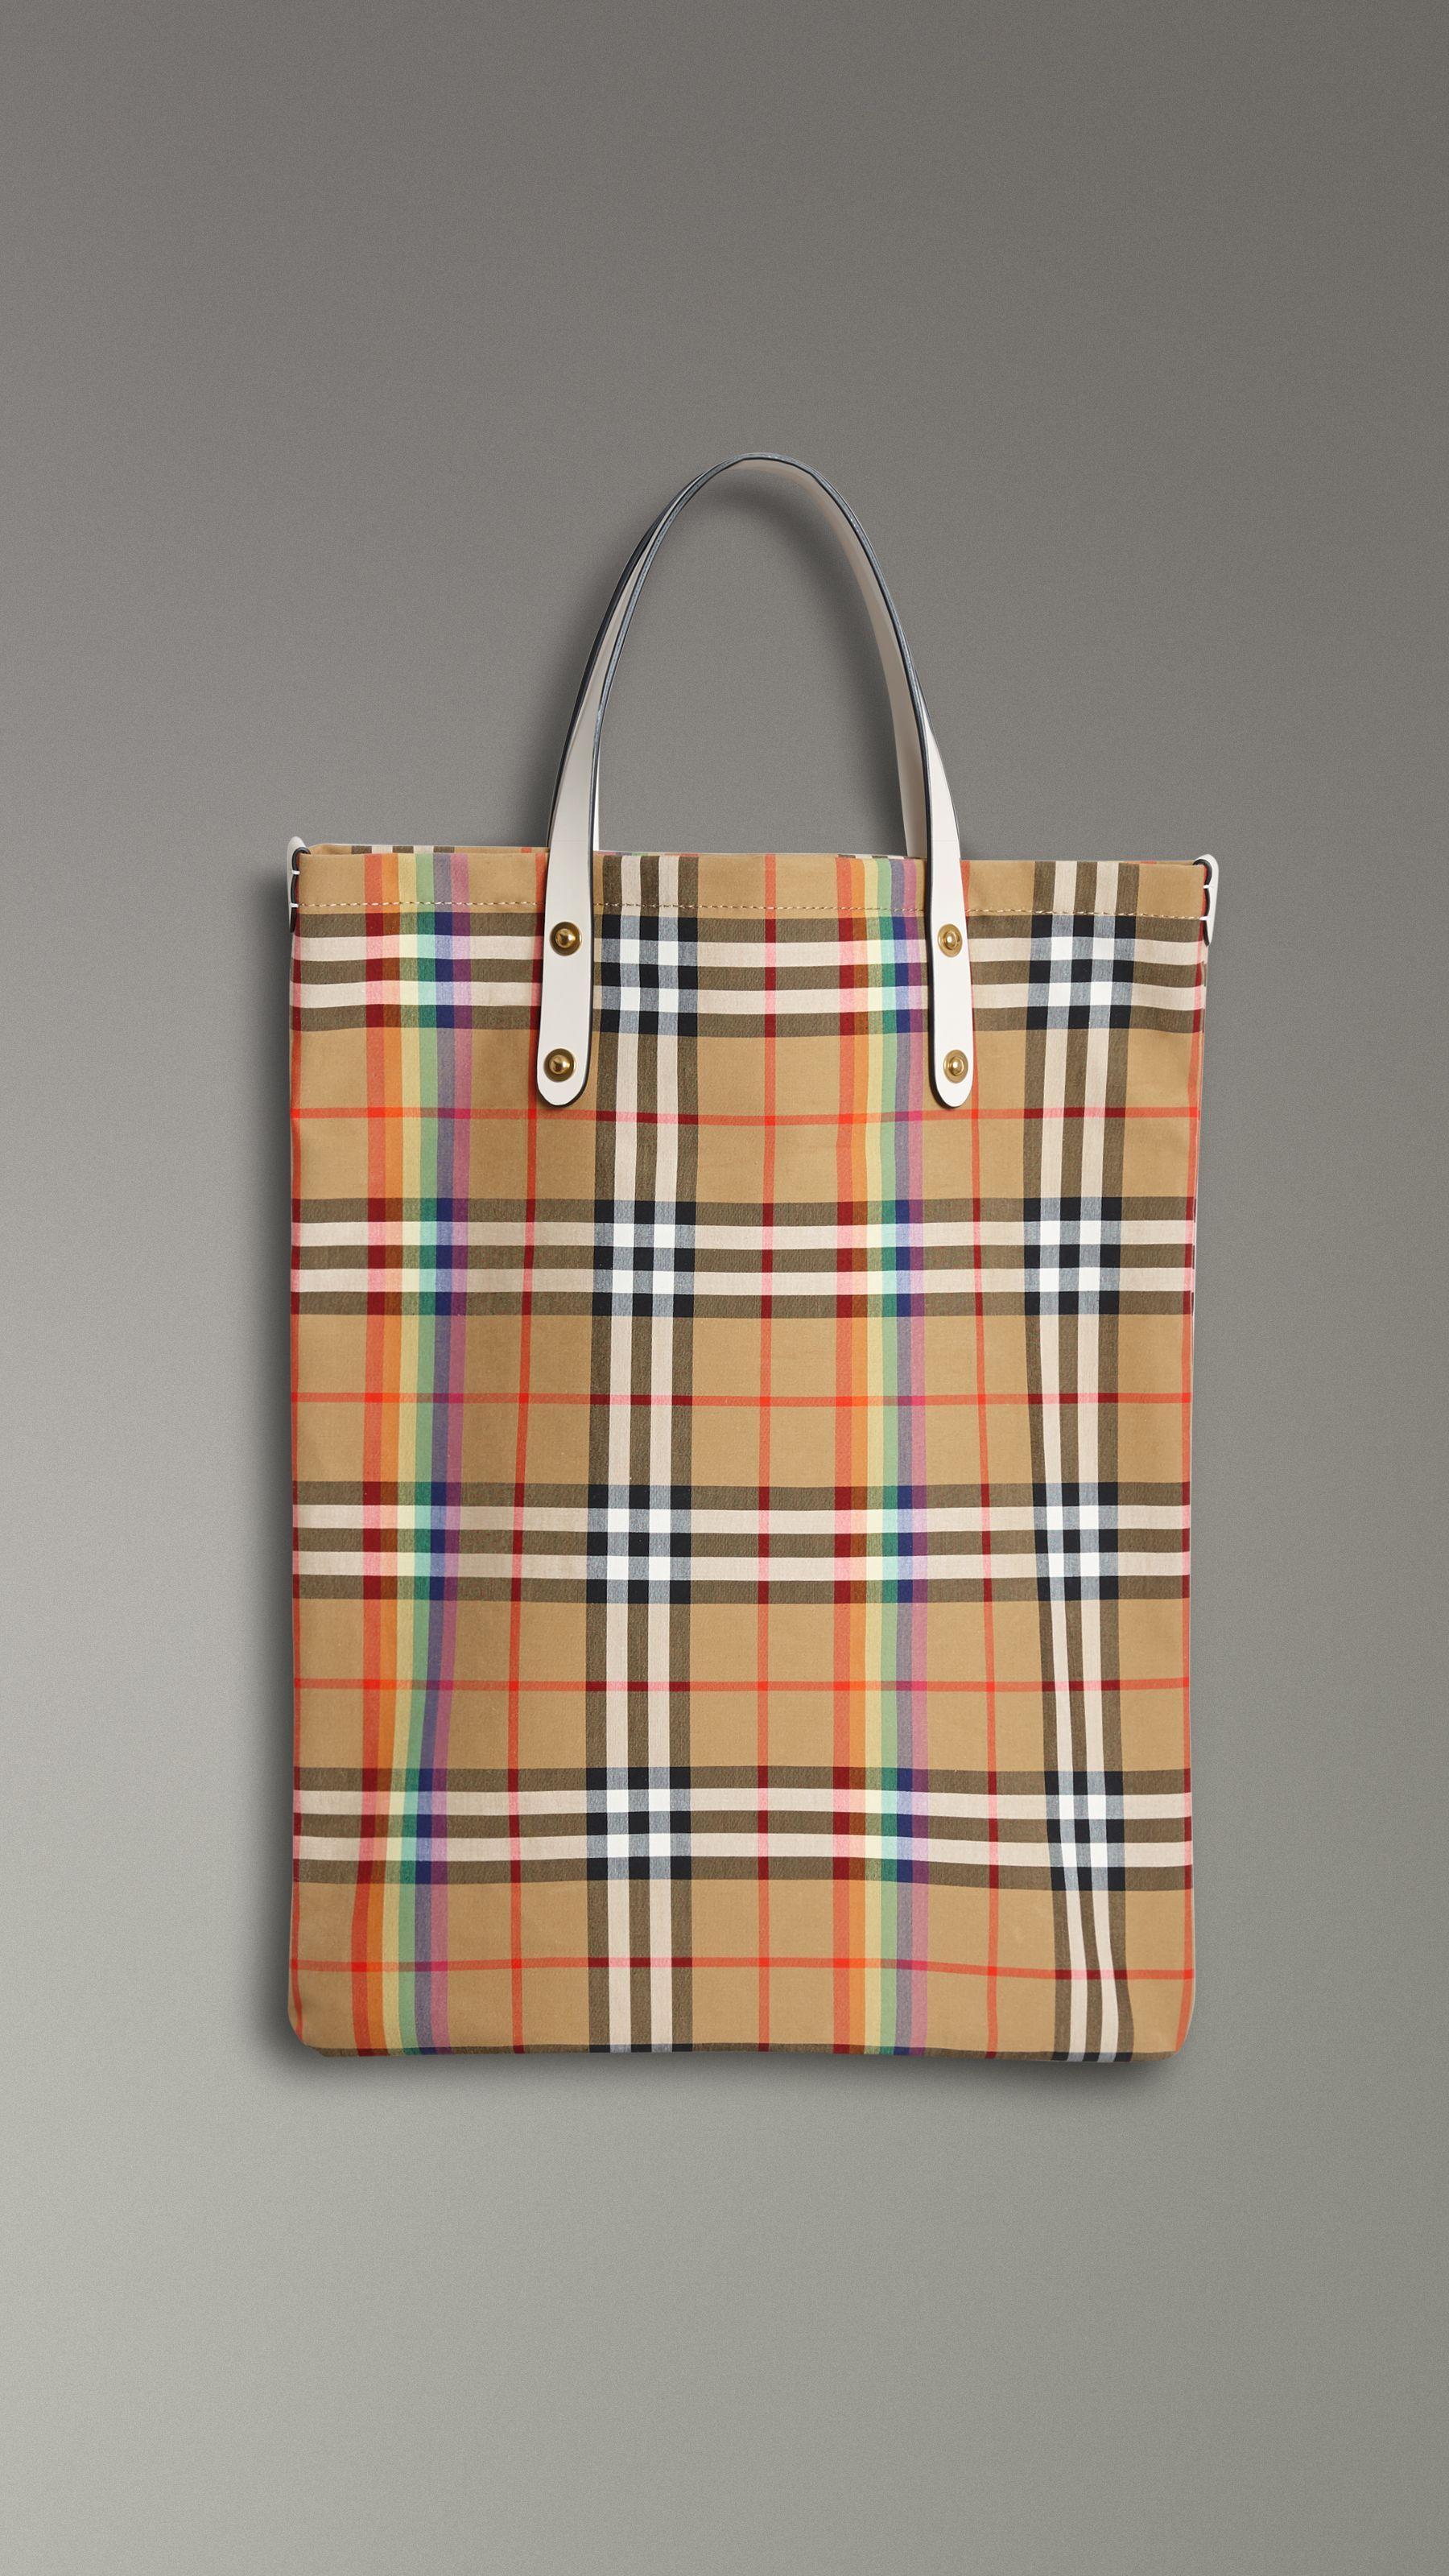 Rainbow Vintage Check Medium Shopper in Natural  529a1cc5b2b54